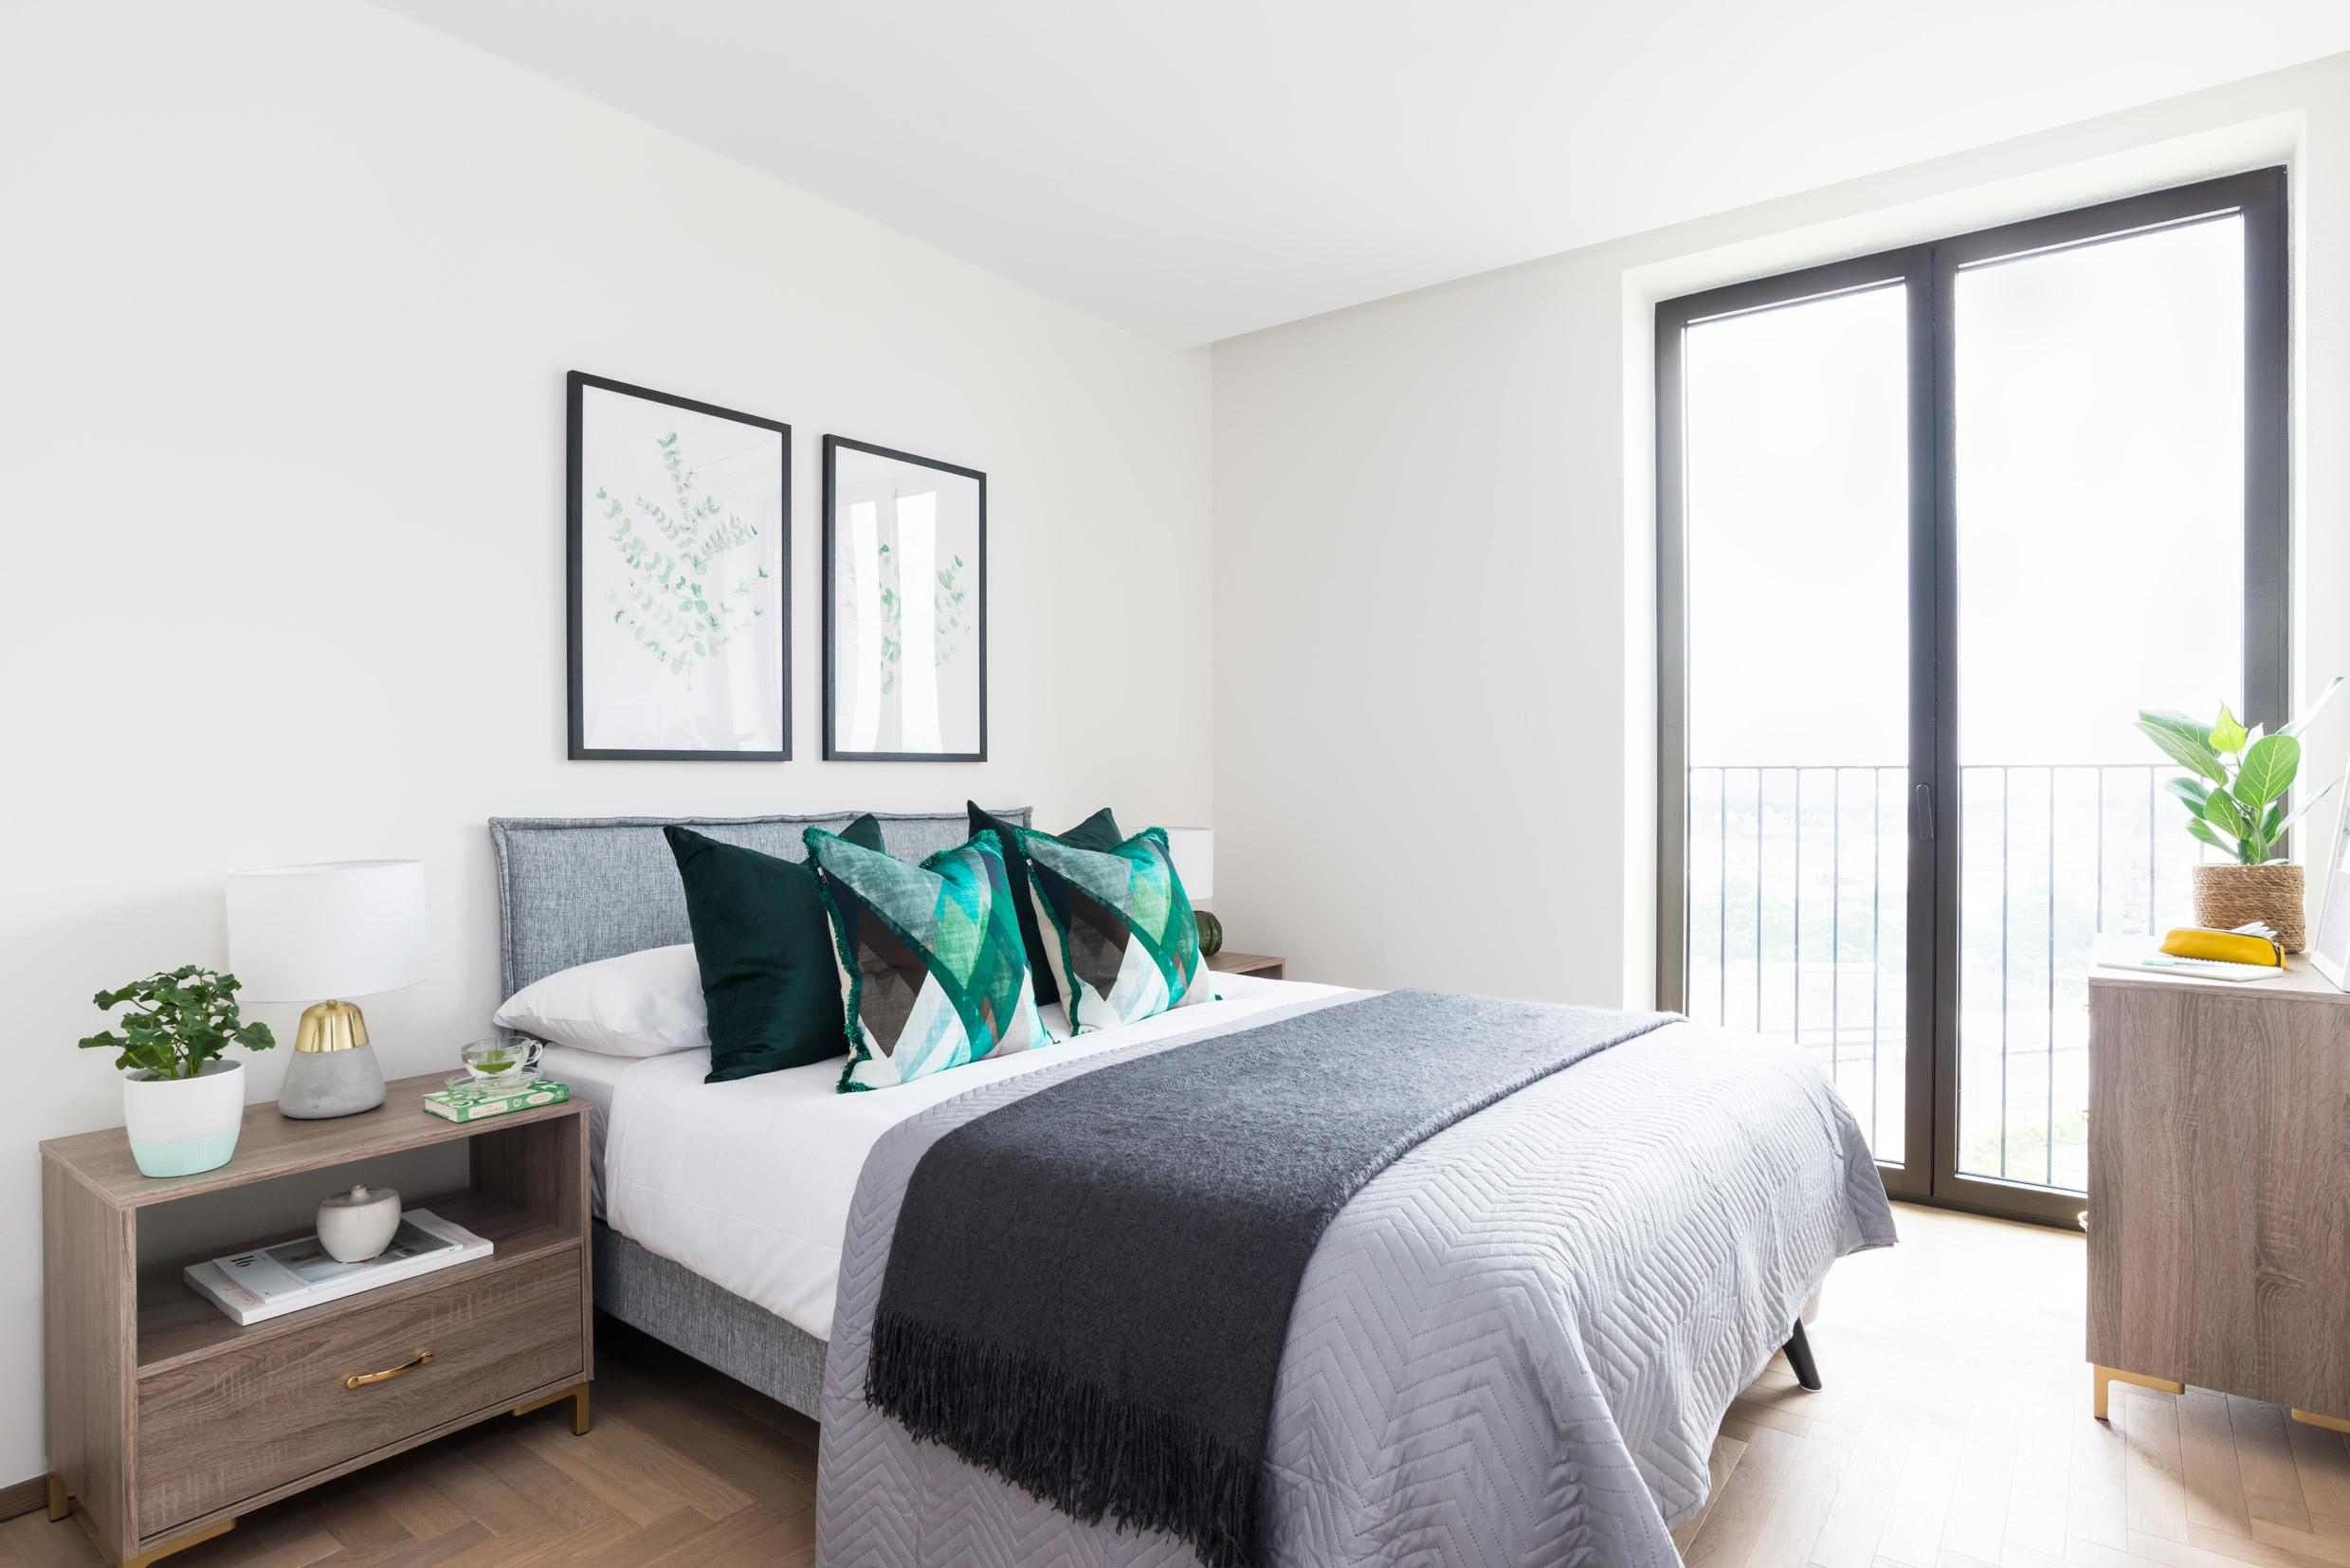 Mosse_22_Bedroom.jpg